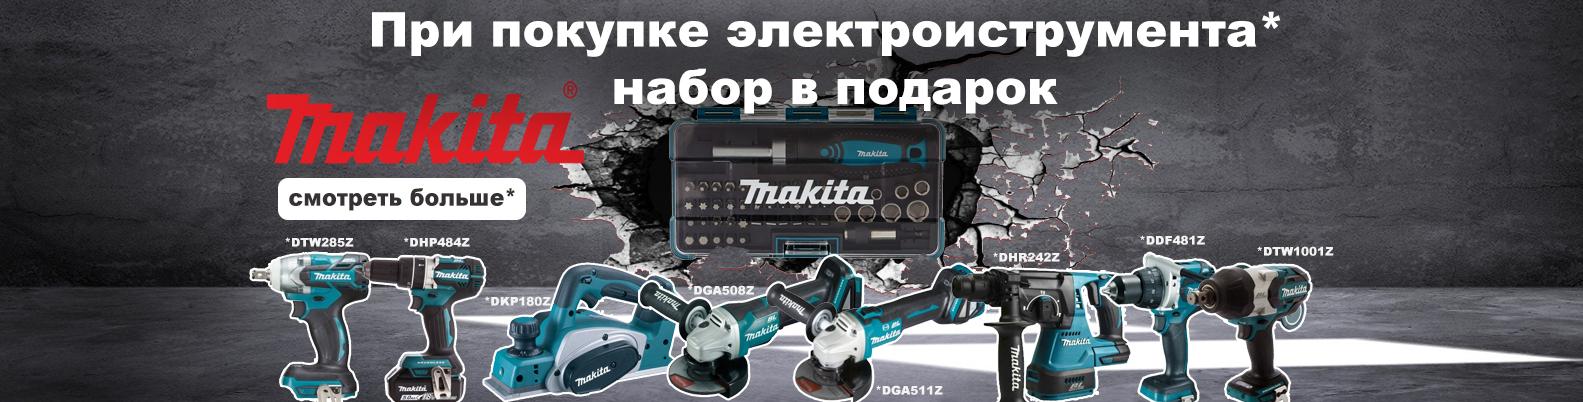 makita_akb_2020_03